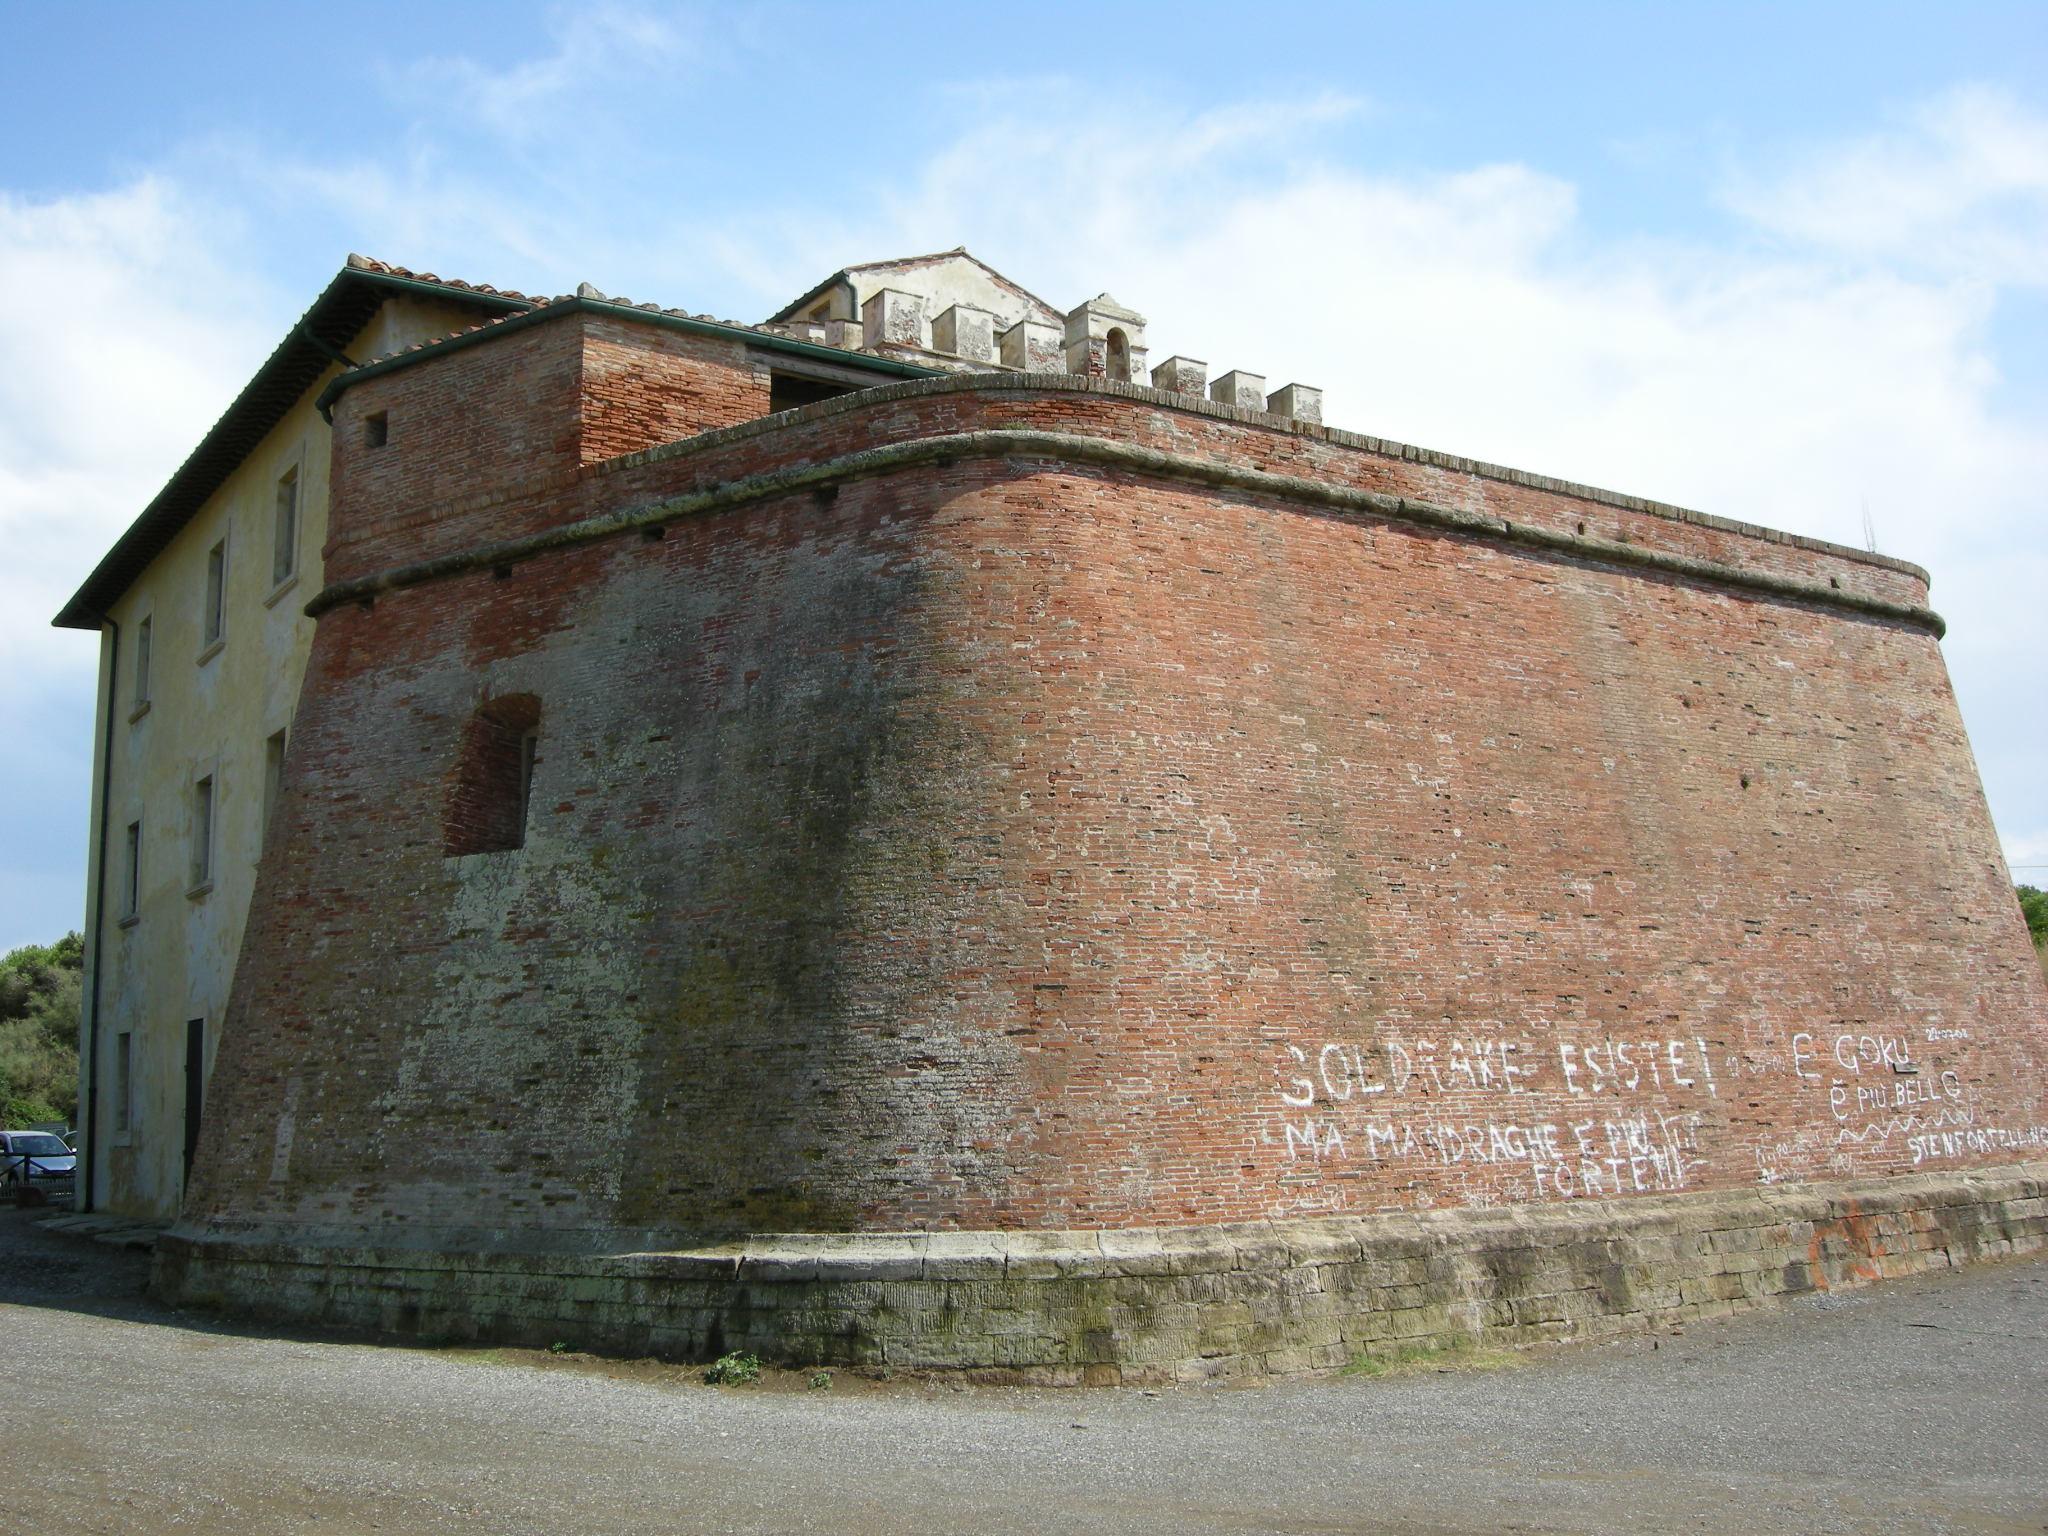 Marina Di Castagneto Italy  city photo : Forte di Marina di Castagneto Marina di Castagneto Carducci, Italy